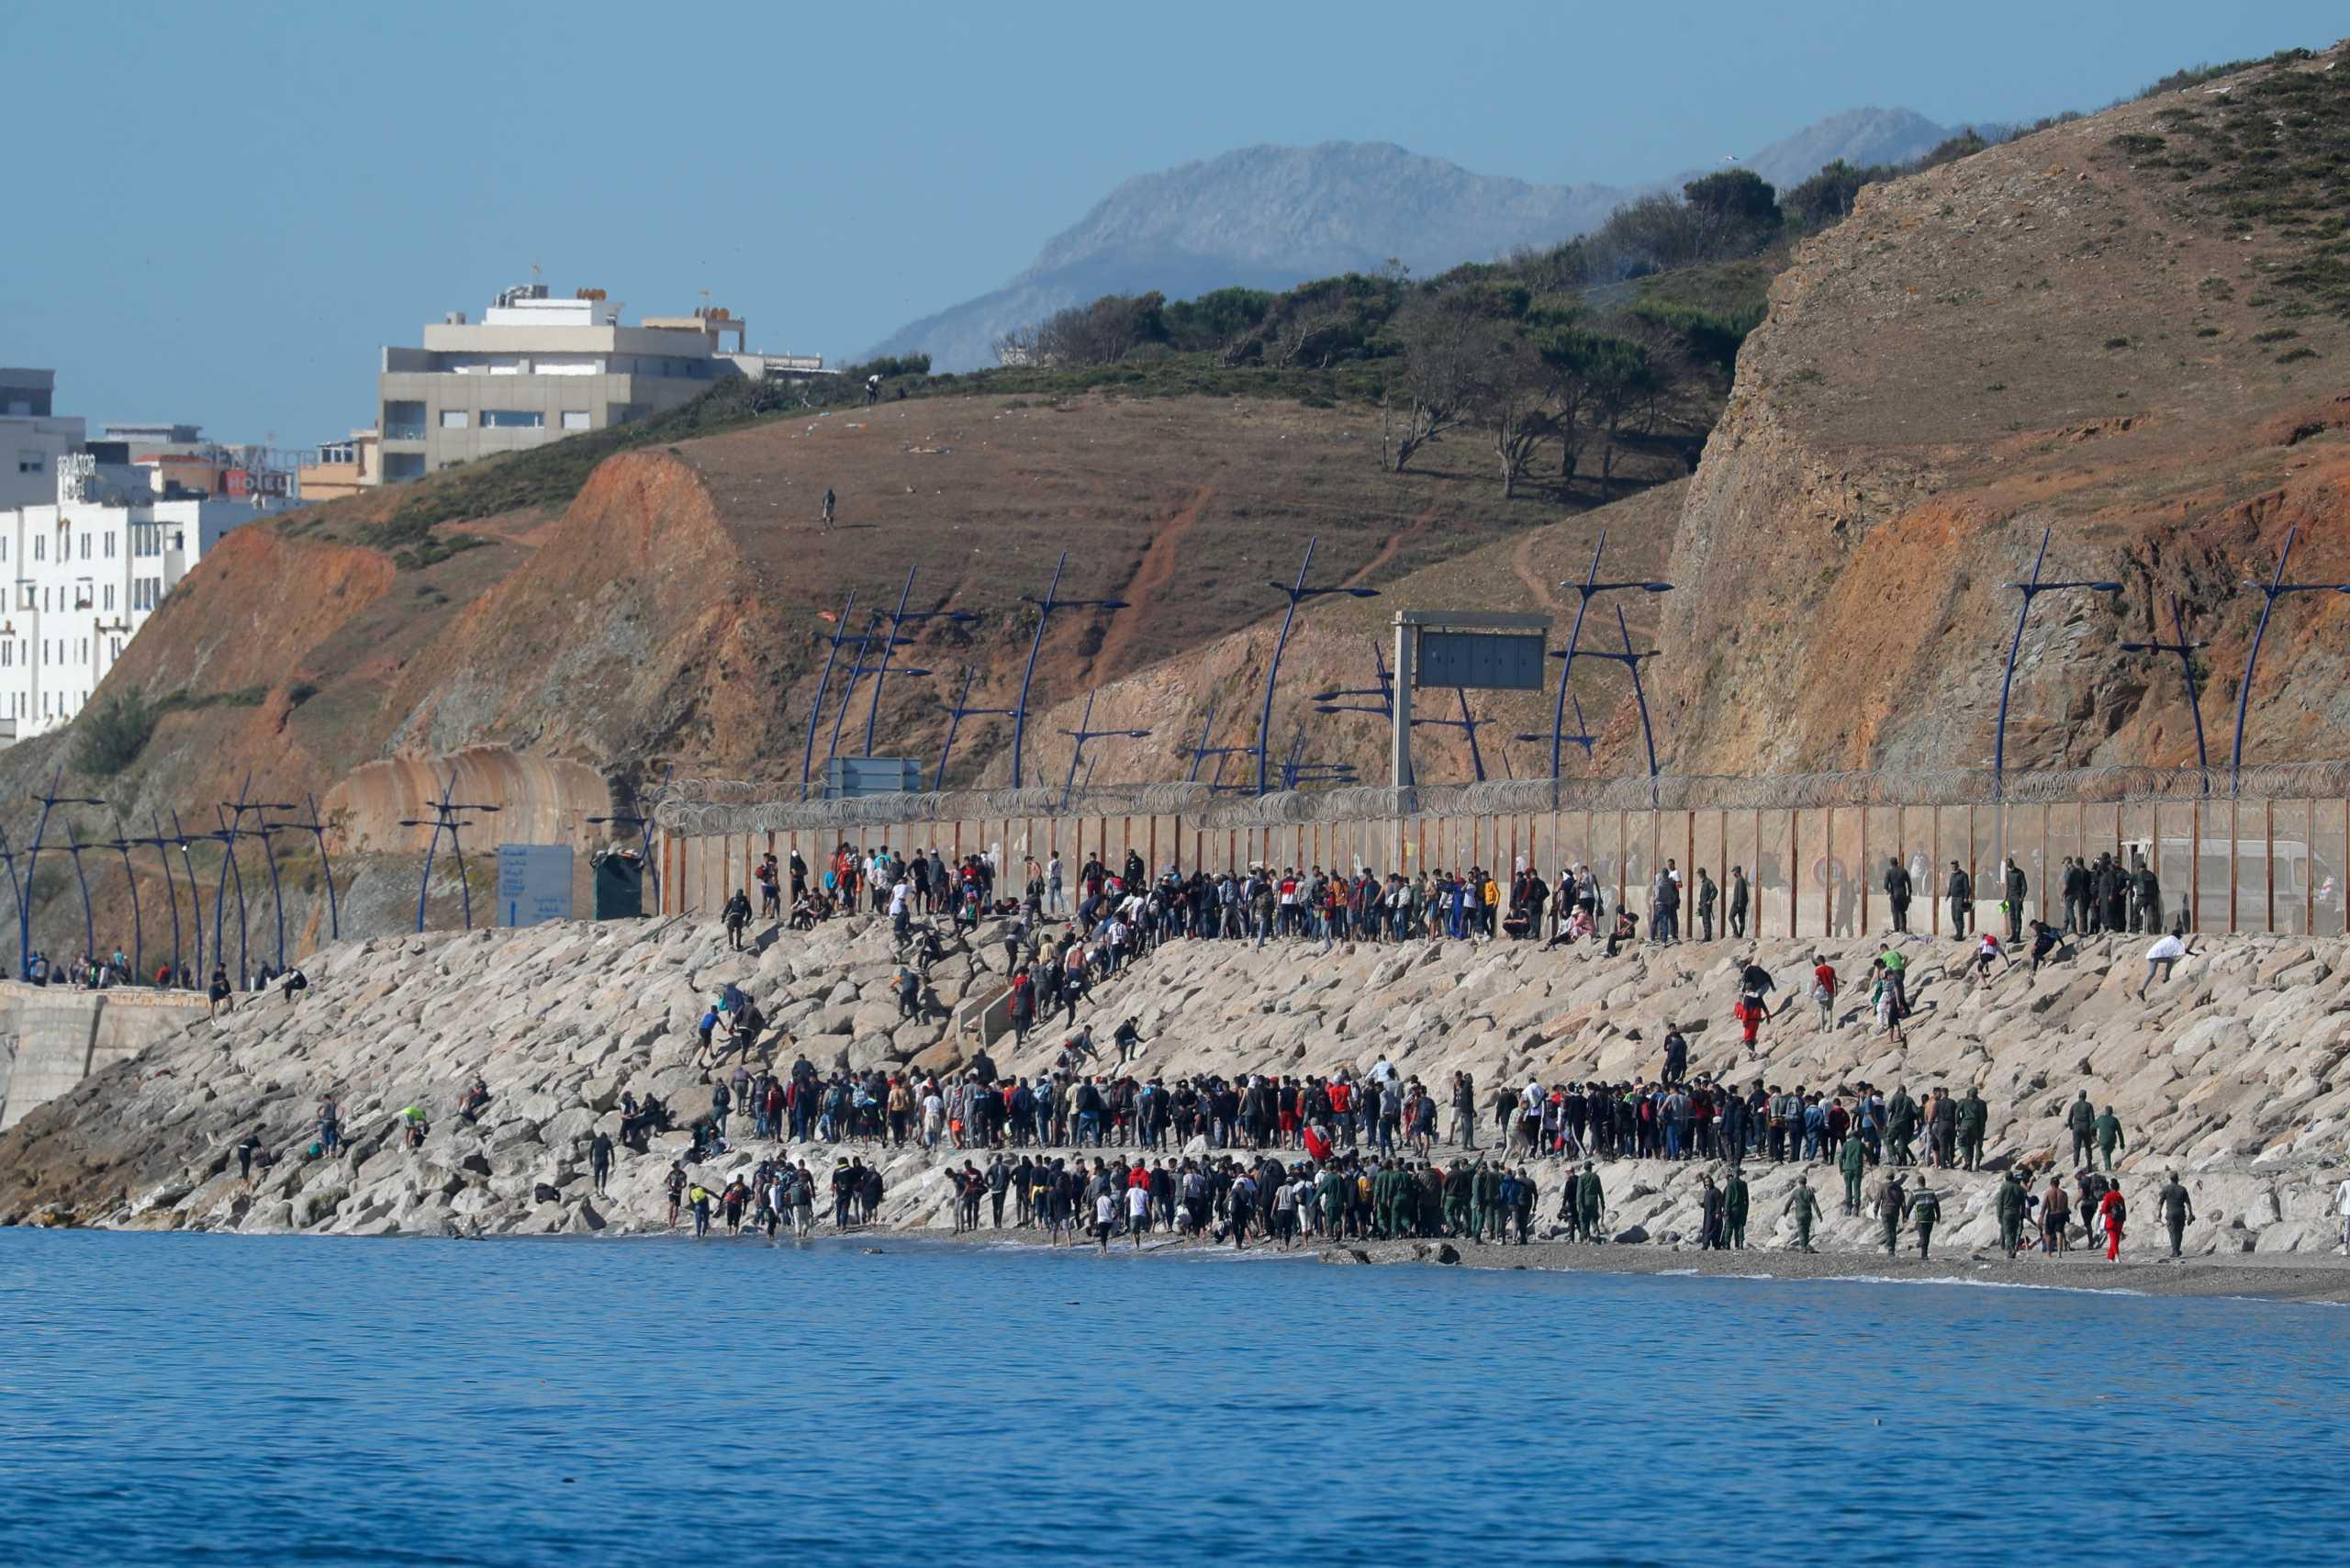 Ισπανία: Απελάθηκαν 4.800 μετανάστες από τη Θέουτα – Ισχυρές δυνάμεις εμποδίζουν την είσοδο άλλων (pics)